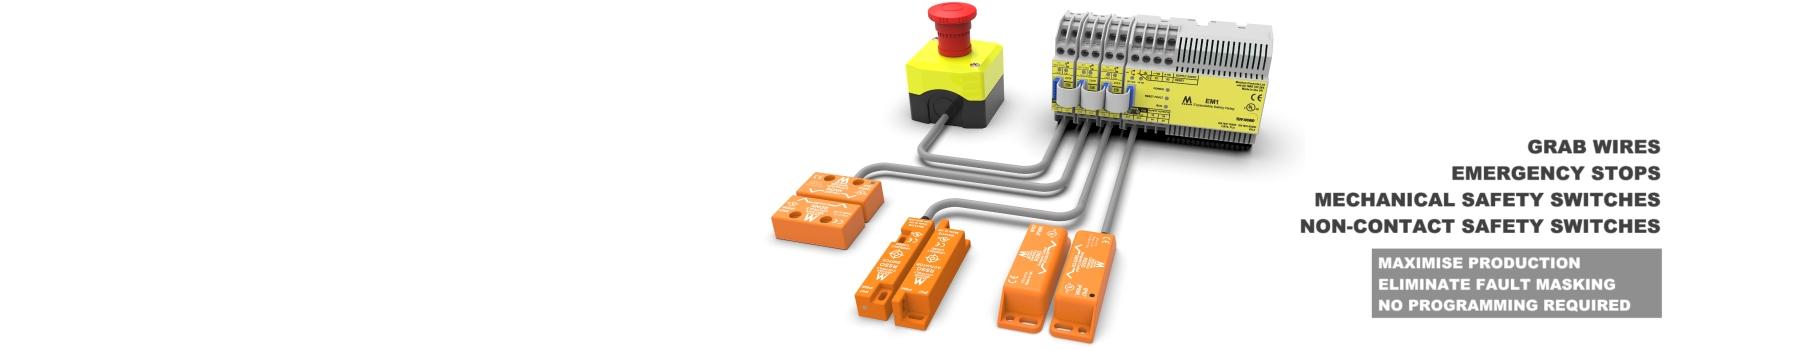 SSR   Mechan Safety Interlock Switches RFID Safety Interlock